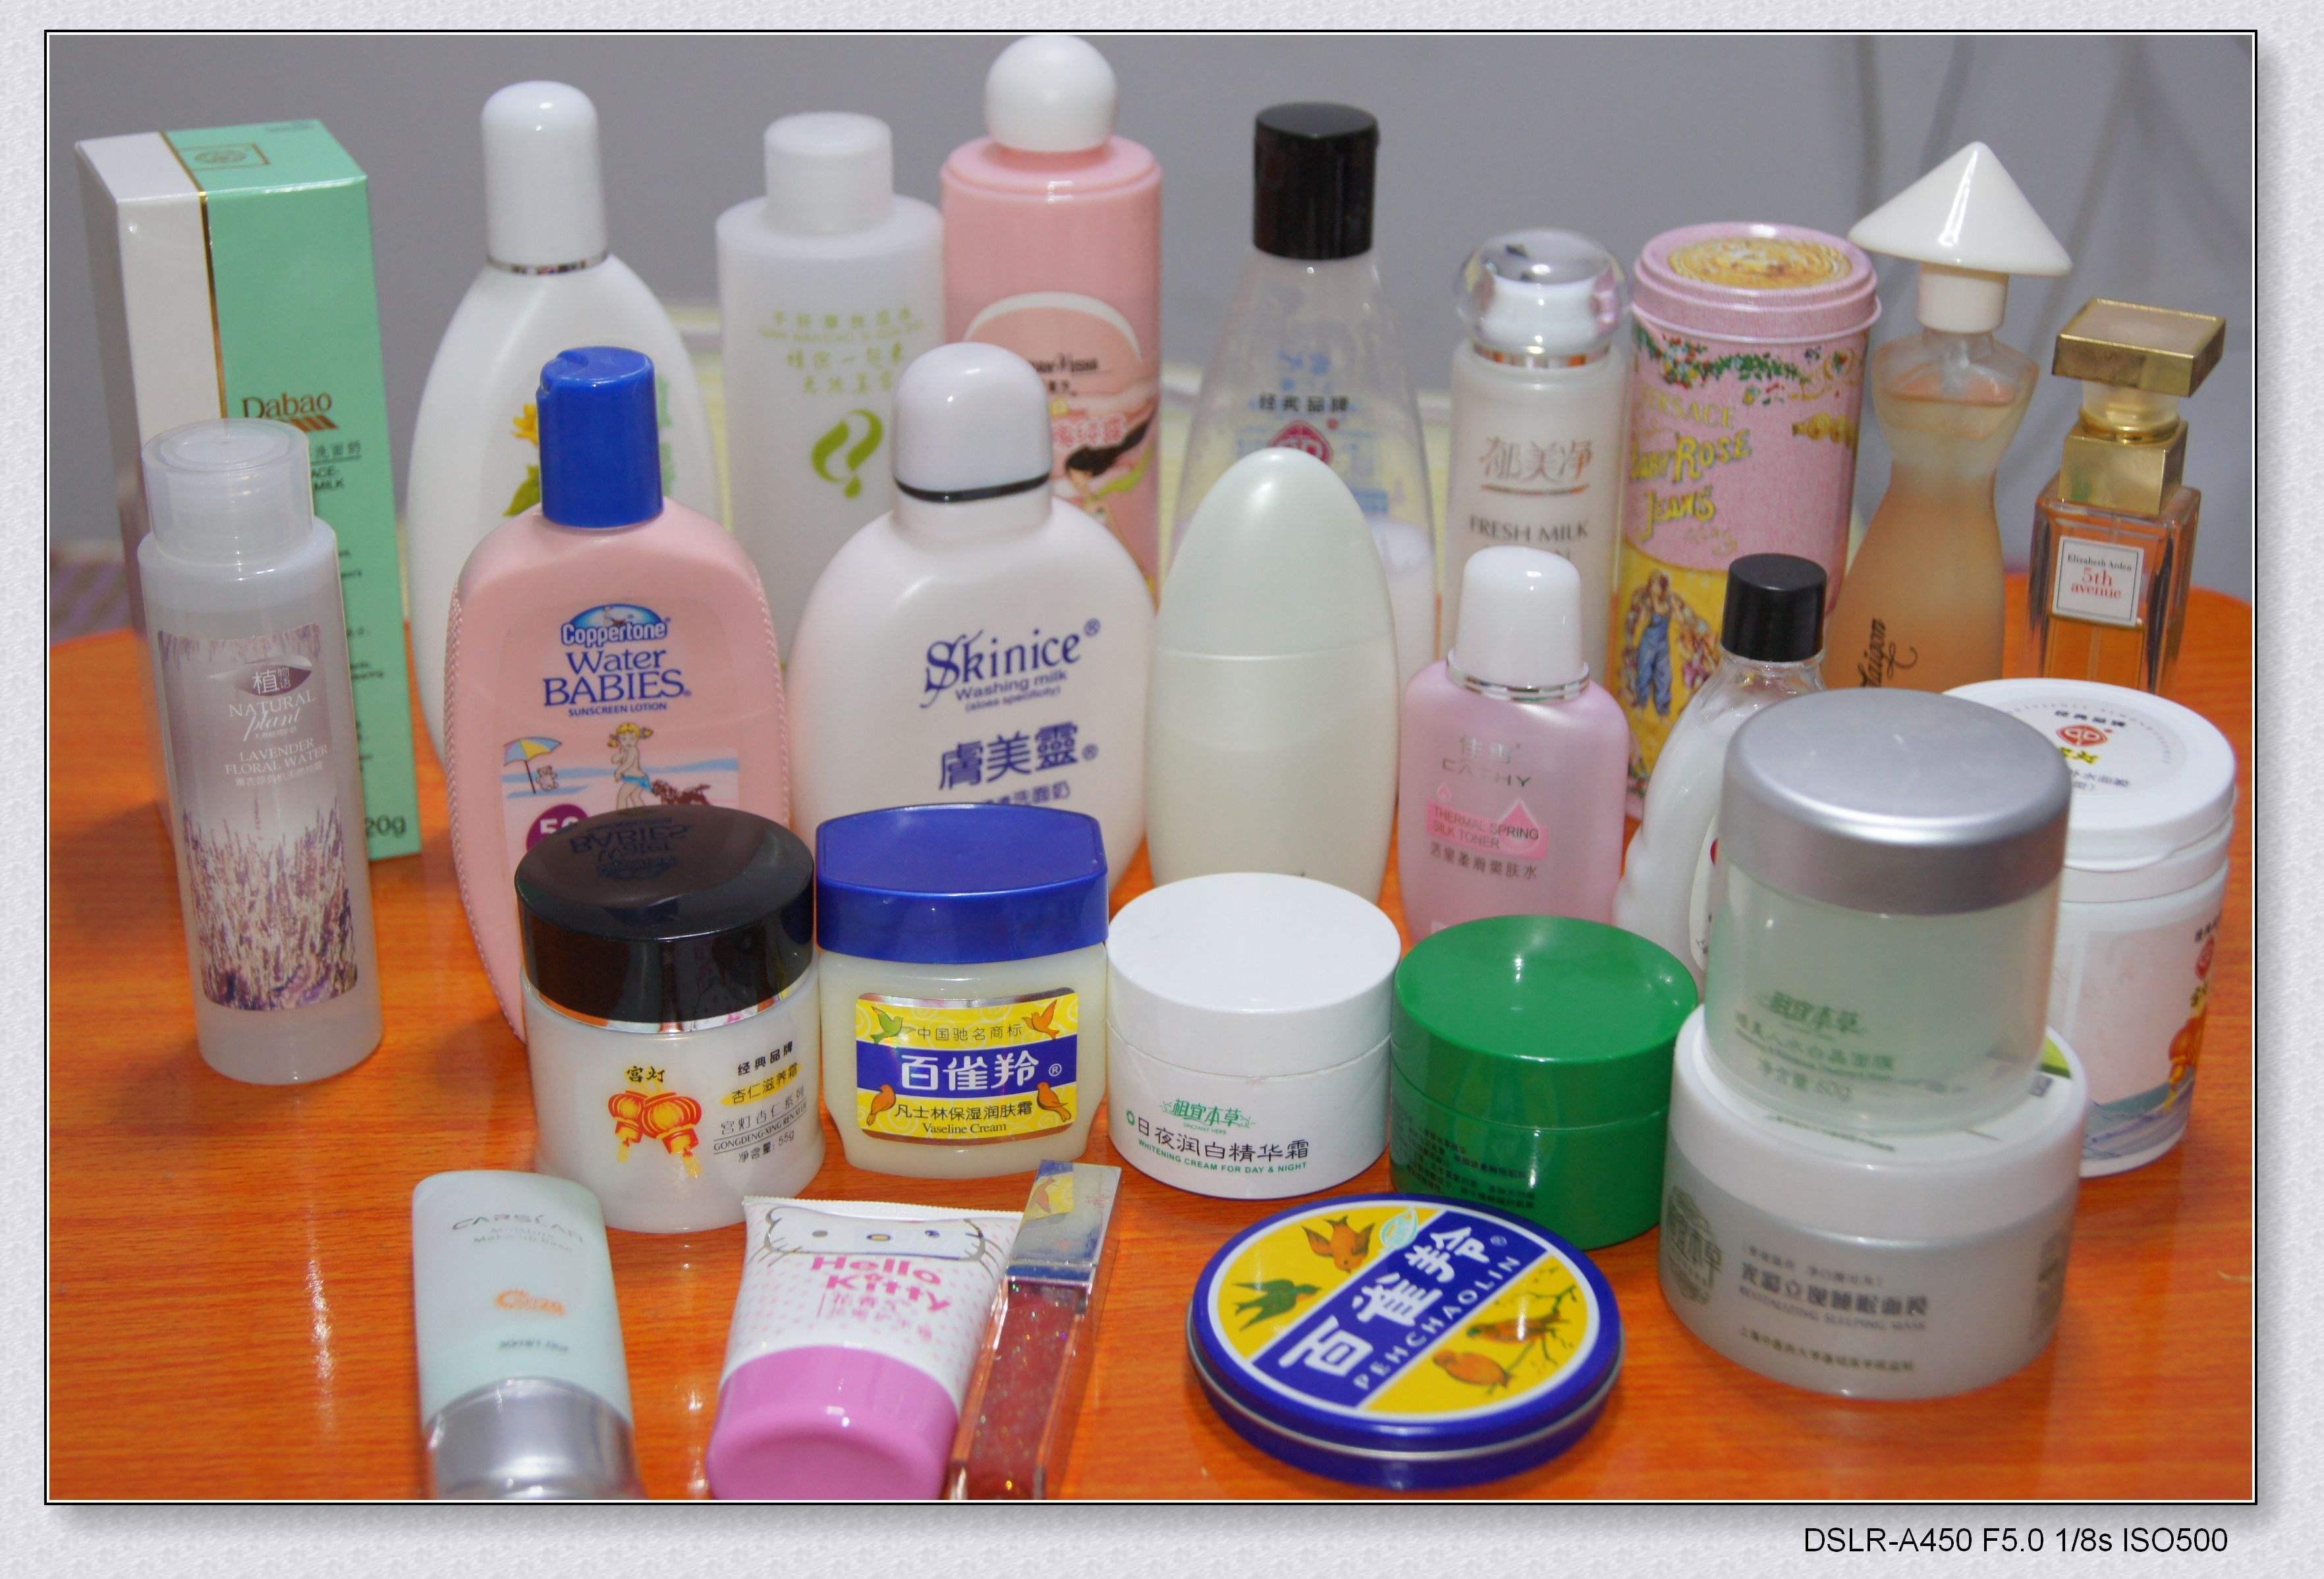 盘点丨值得尝试的国产护肤品牌 让人惊艳的国货好品牌